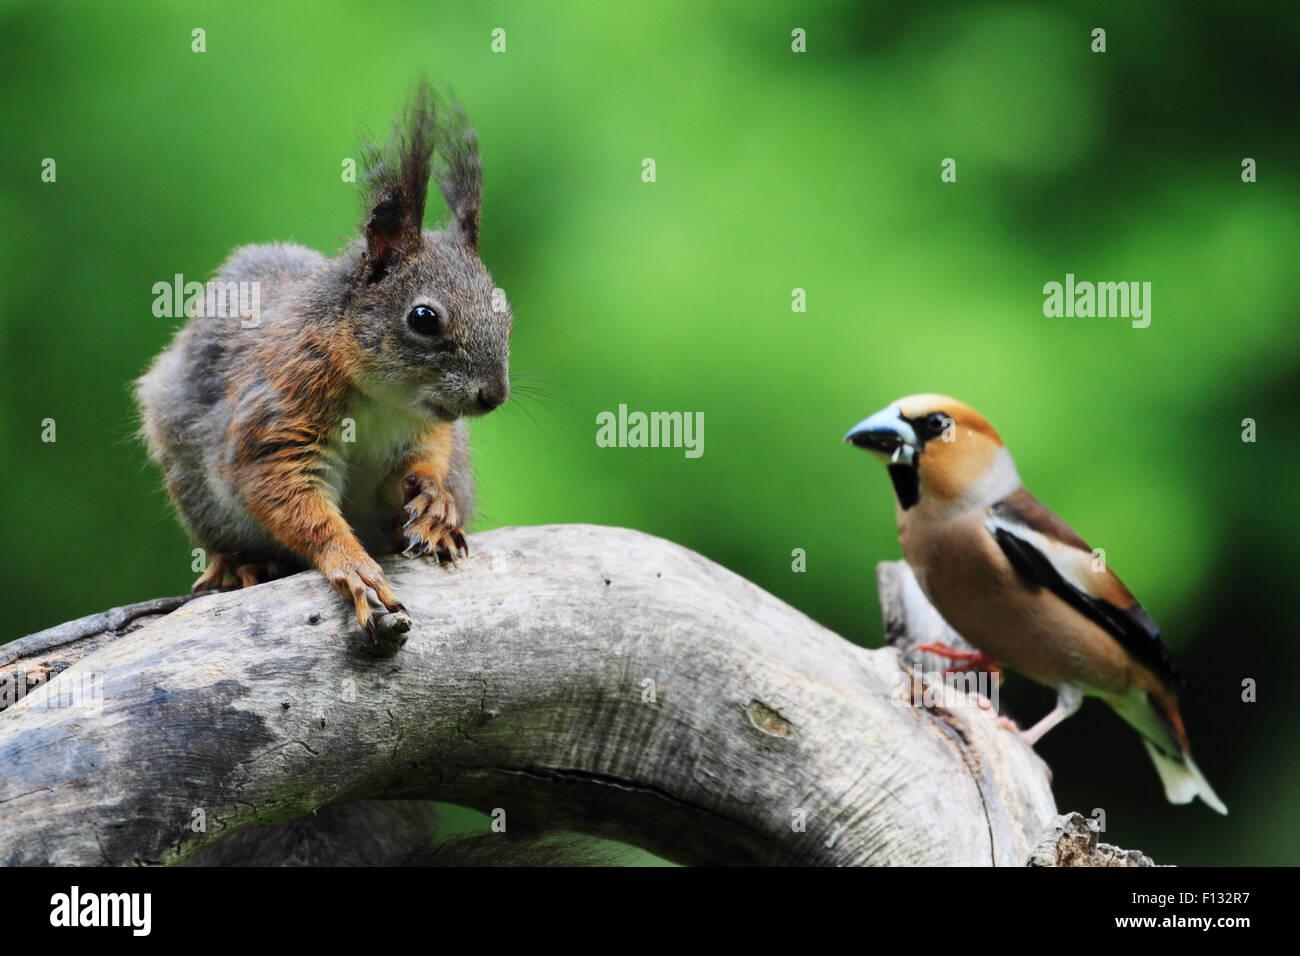 eurasian-red-squirrel-sciurus-vulgaris-a